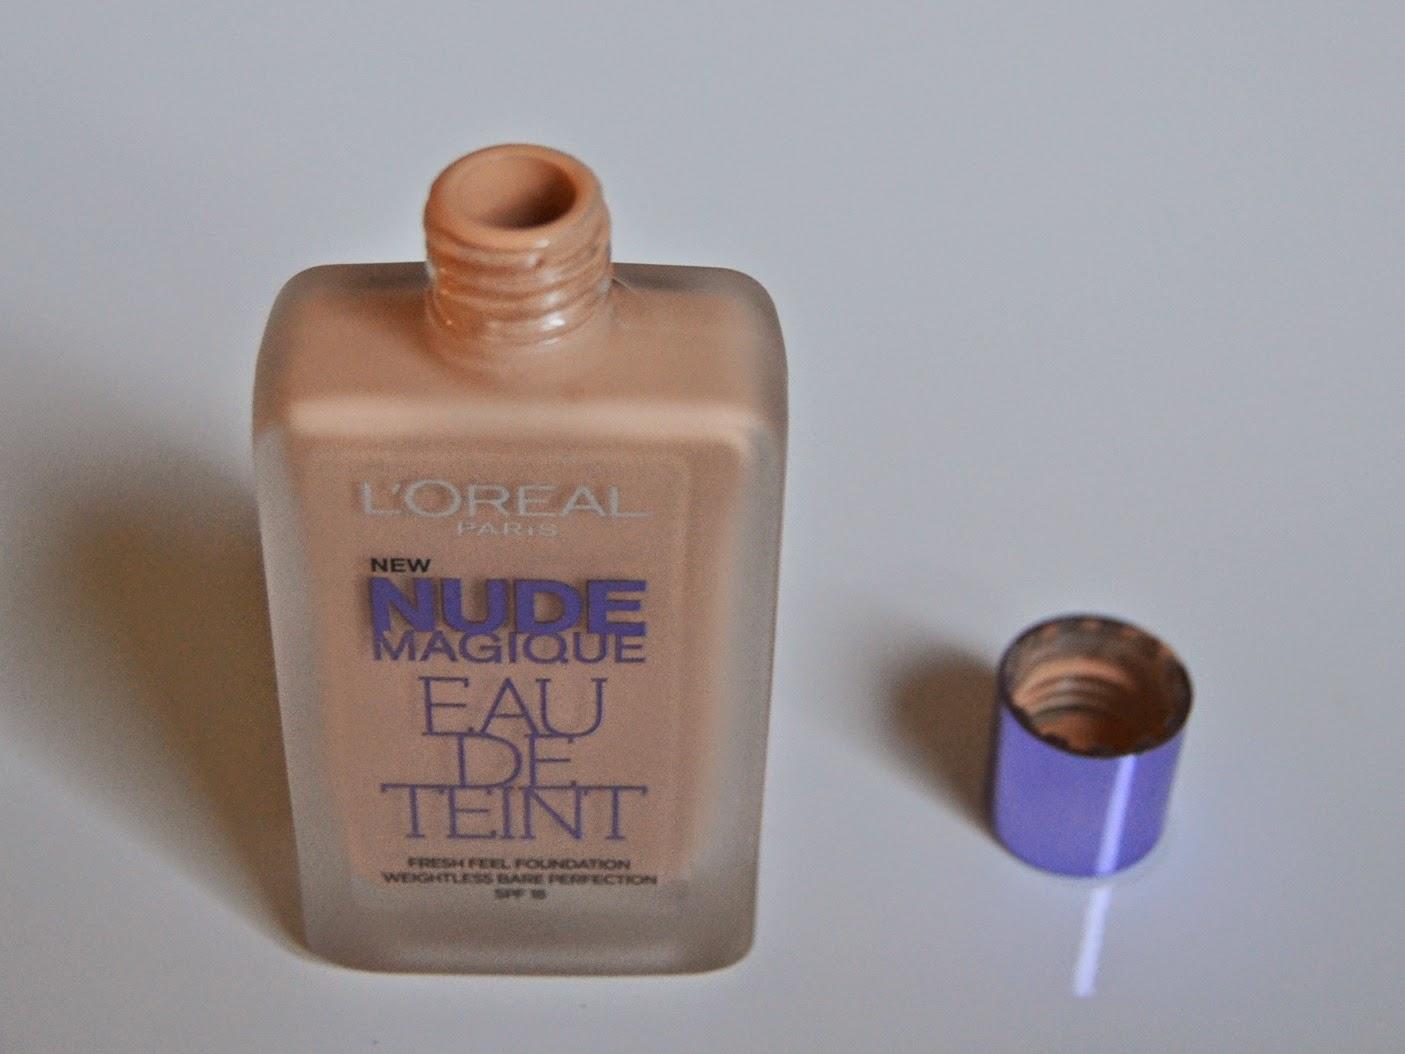 L'oréal nude magique eau de teint